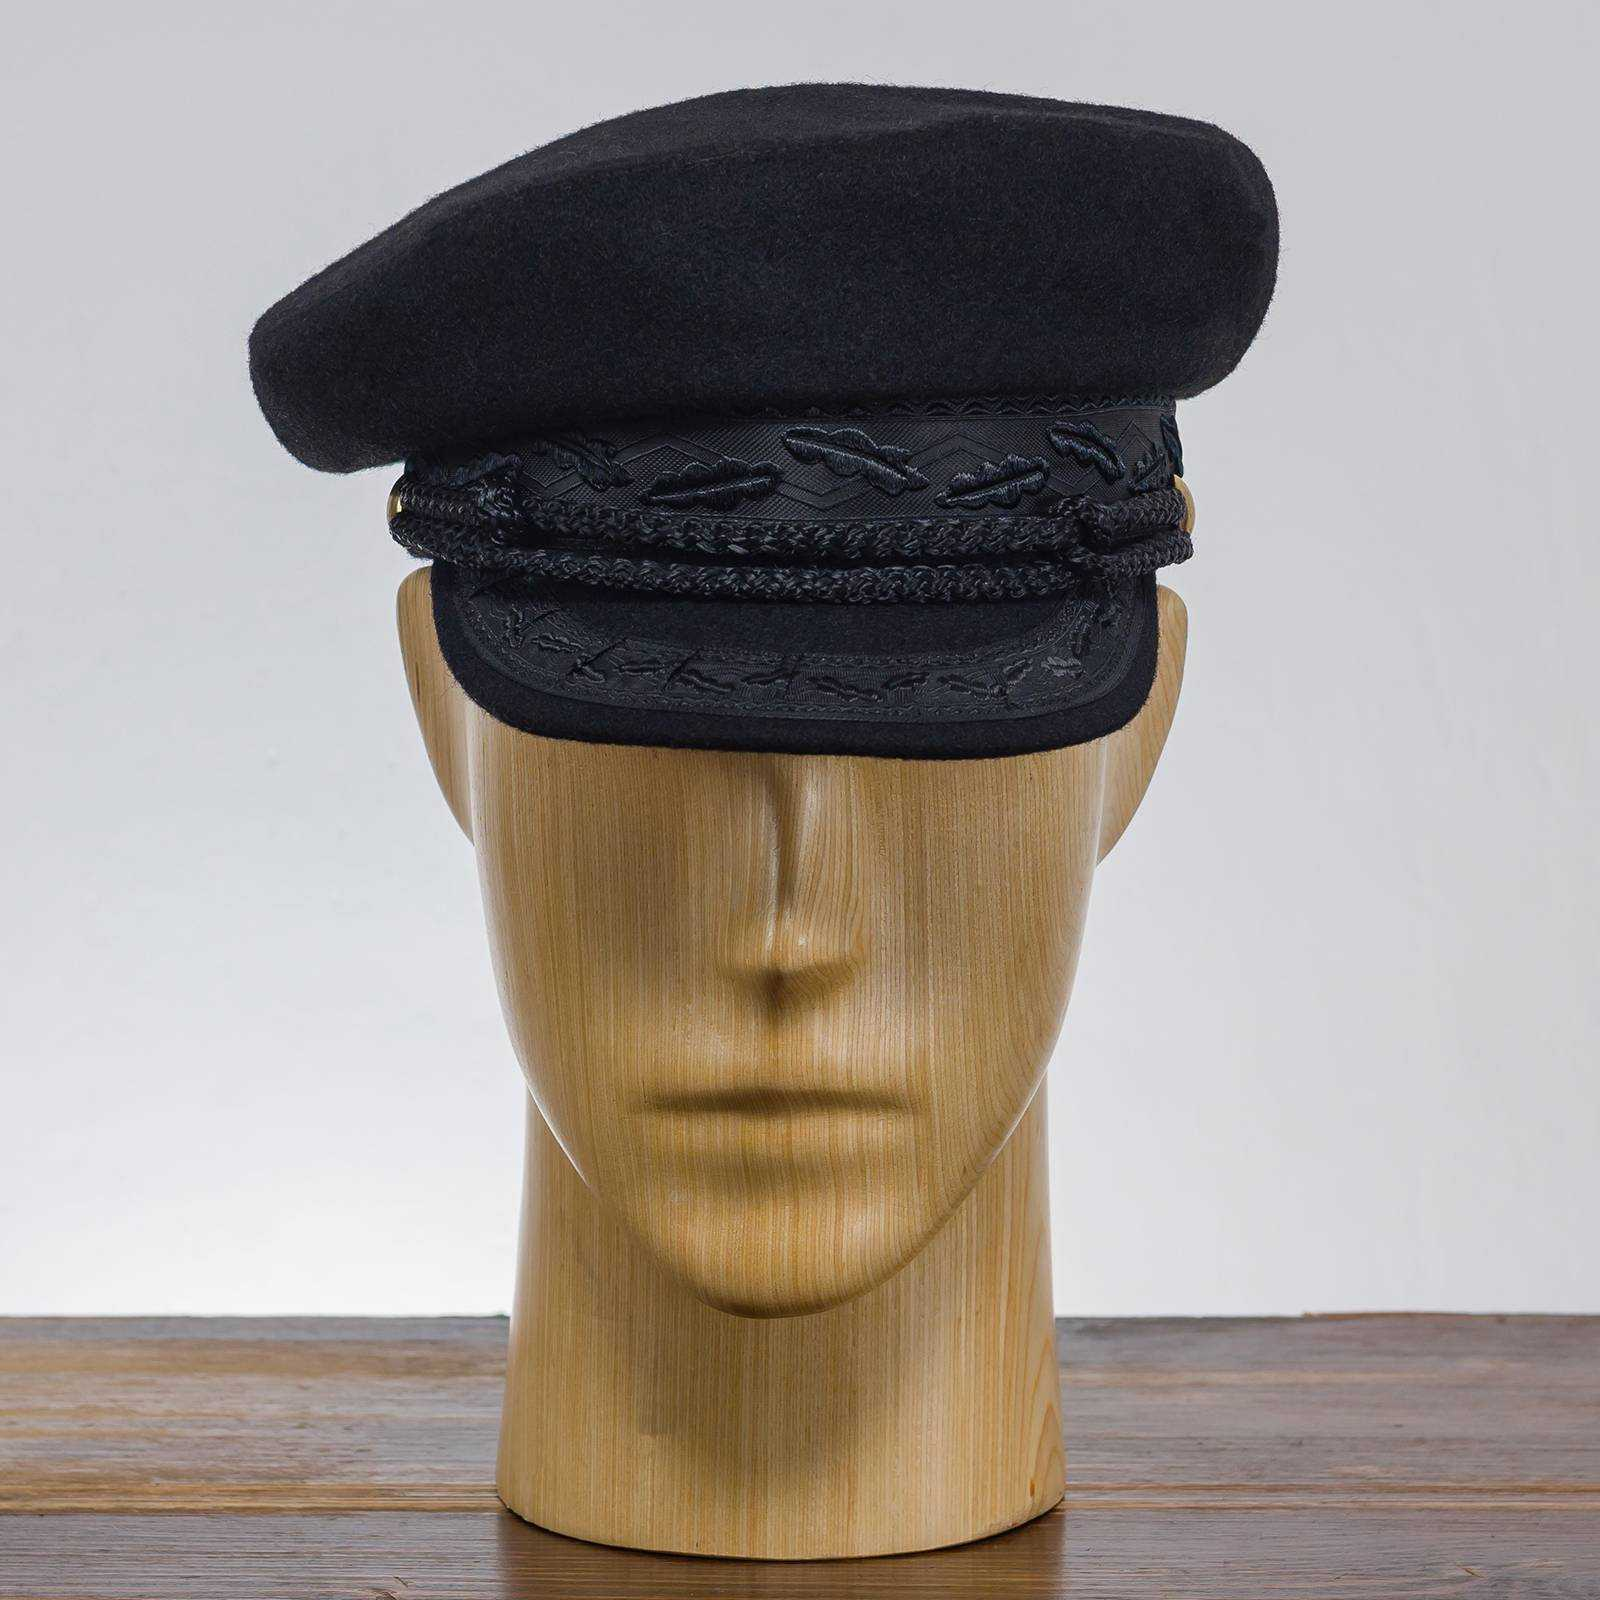 Czarna czapka szyprówka z daszkiem żeglarska uszyta z wysokiej jakości wełny